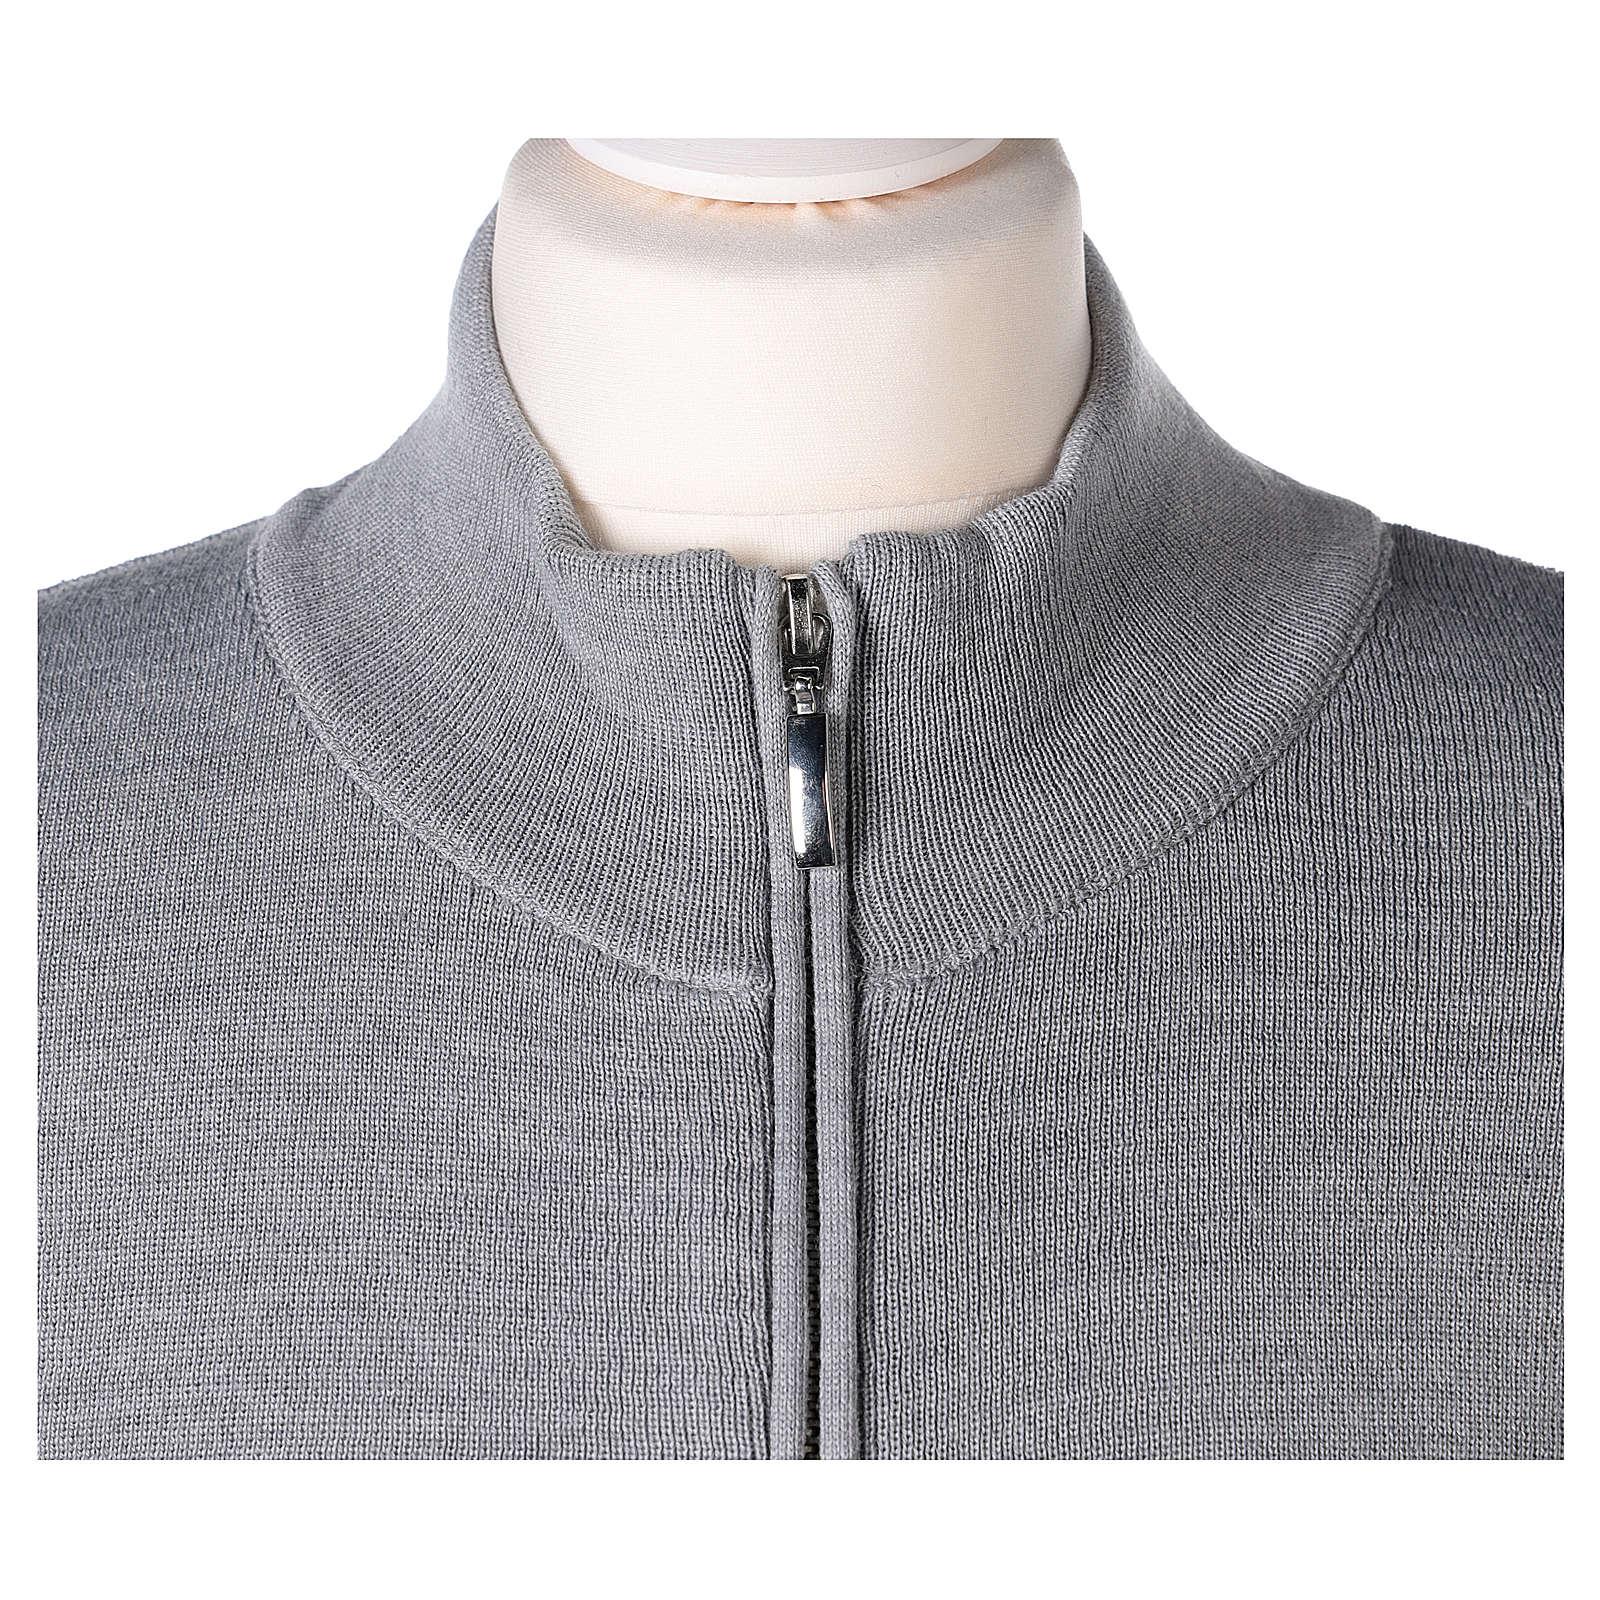 Giacca coreana con zip 50% acrilico 50% lana merino grigio perla suora In Primis 4